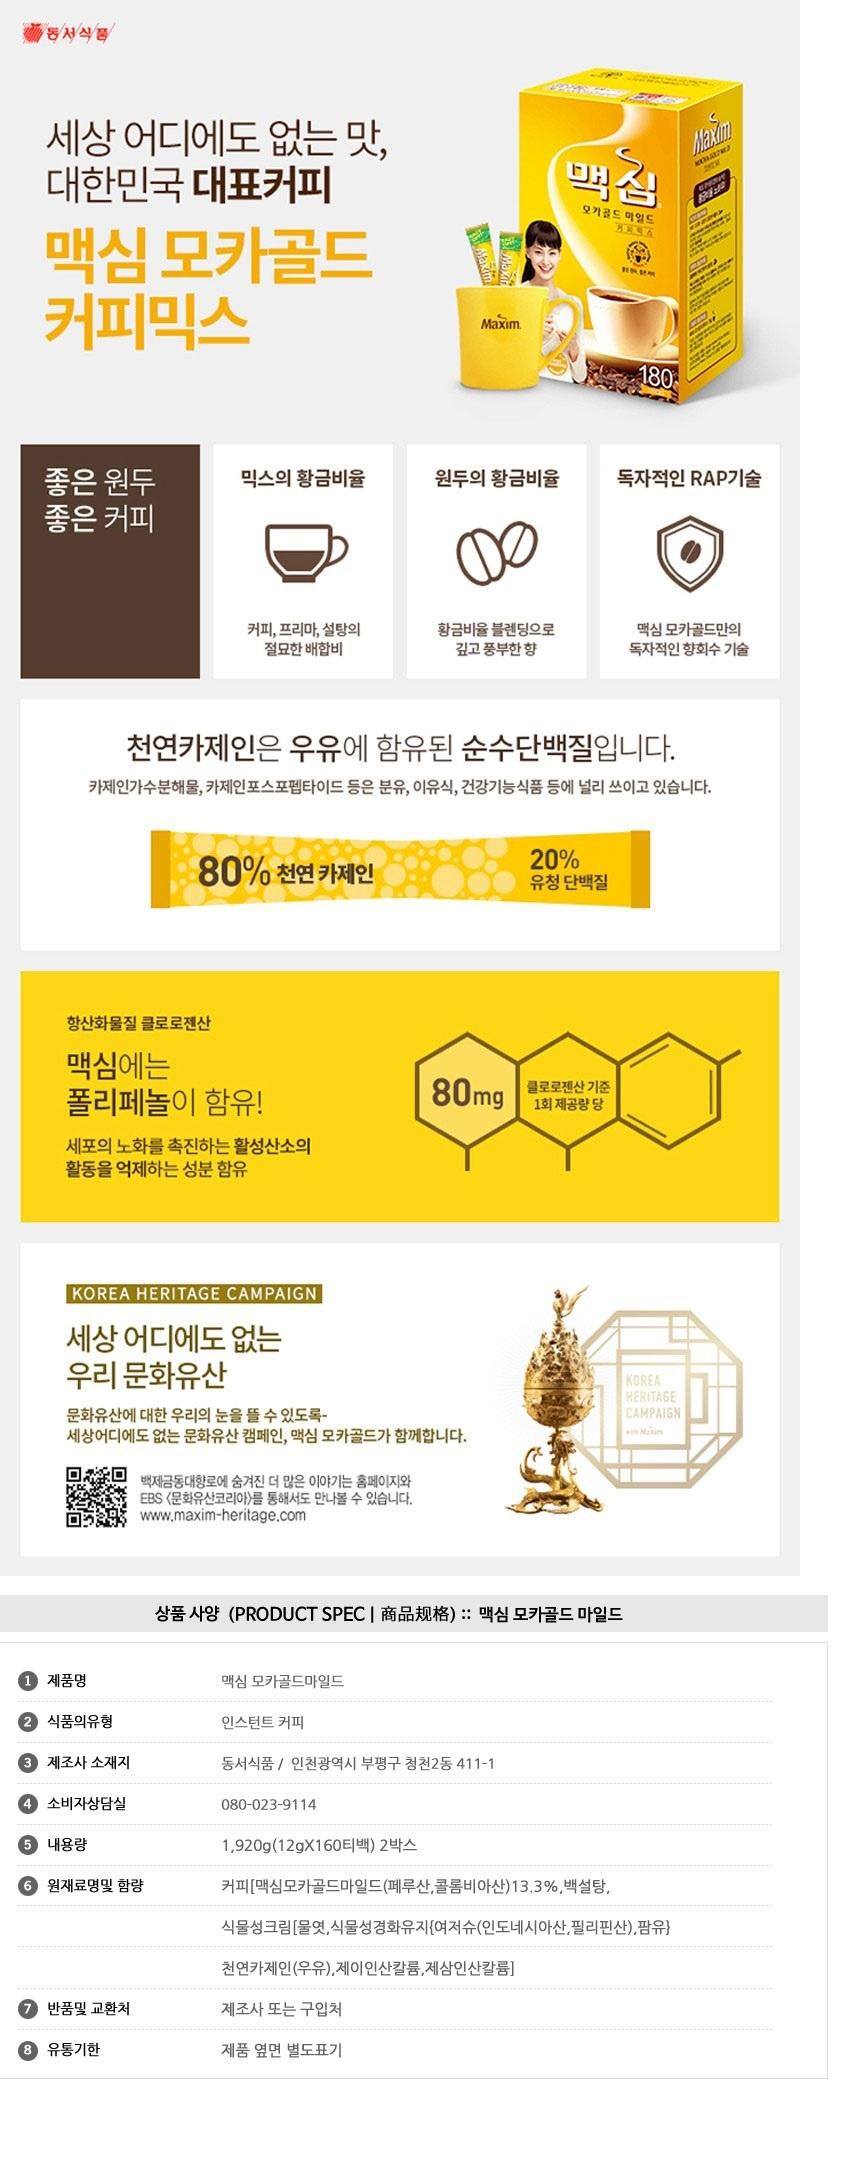 [ DongSuh ] Maxim mocha gold mild 320T(160*2)